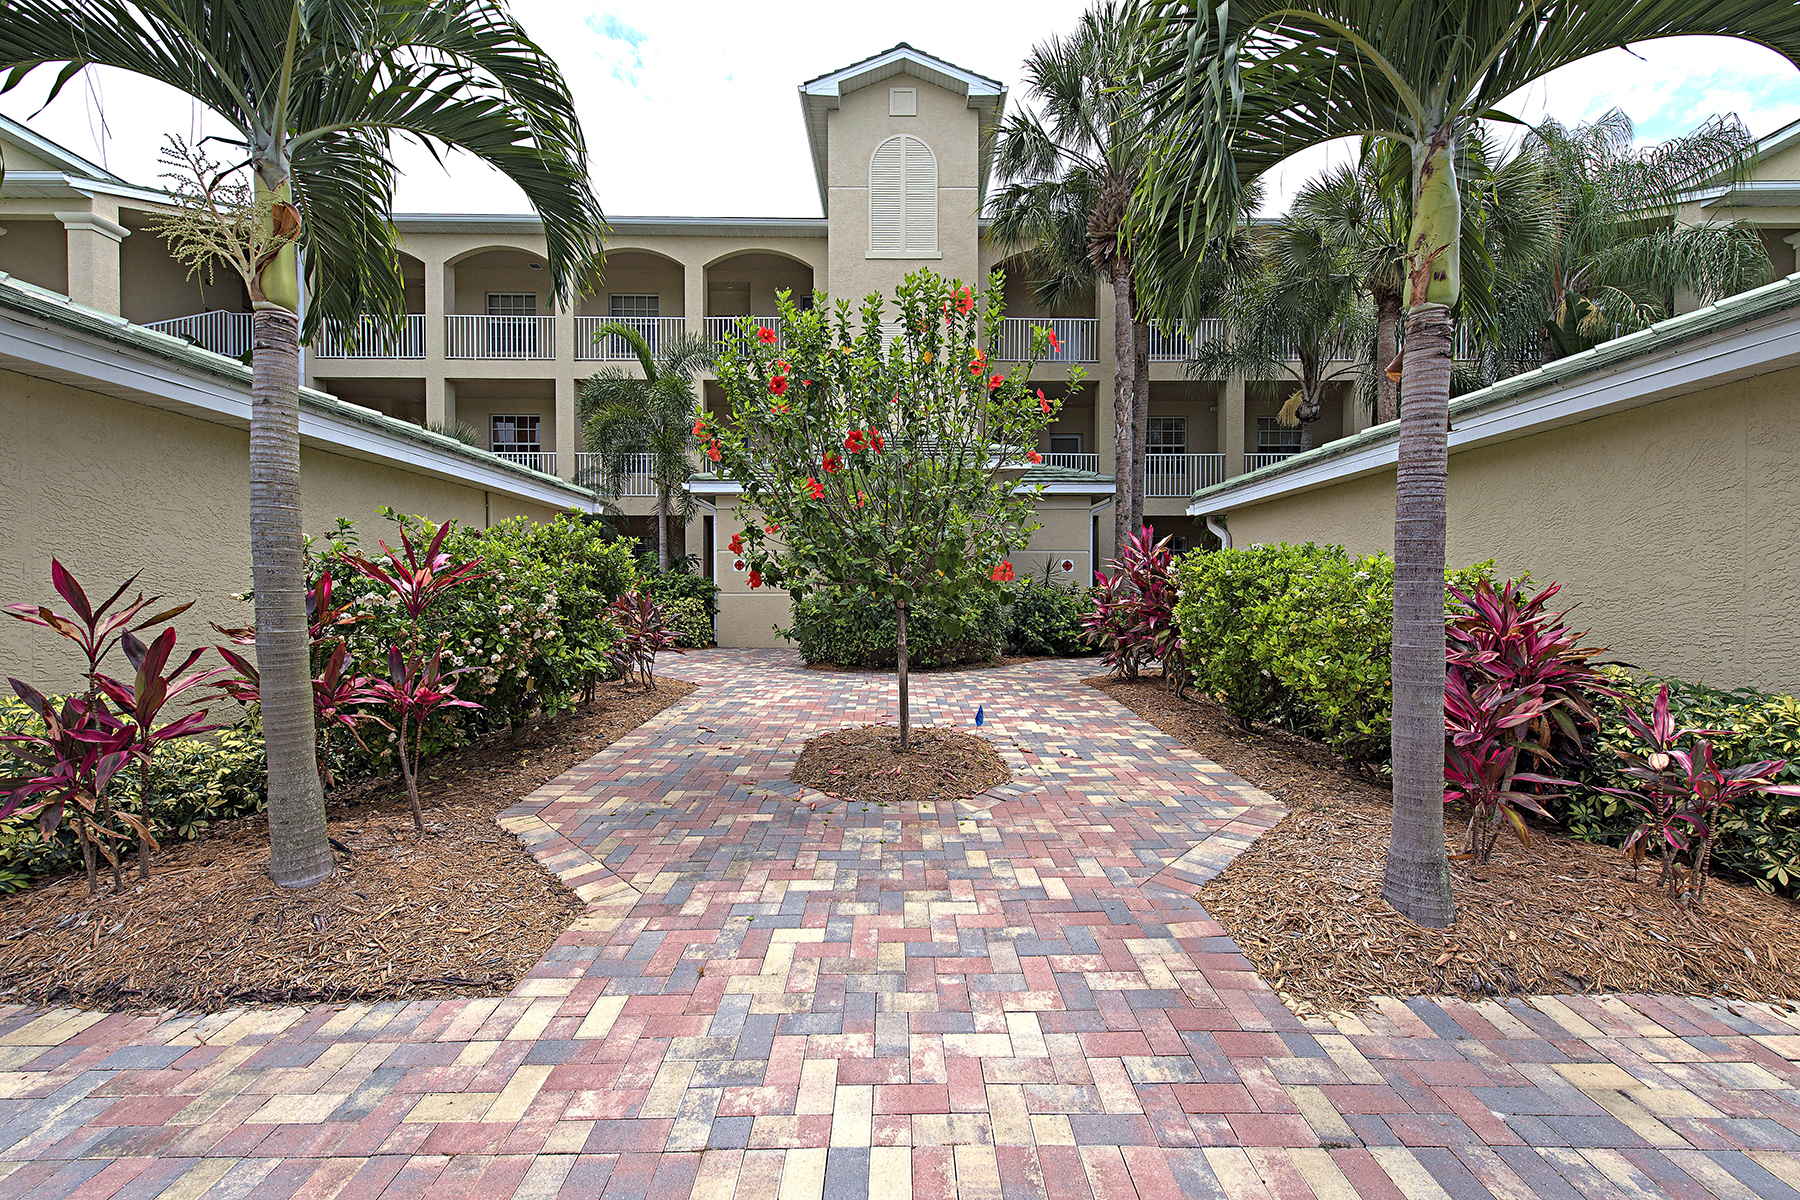 Condomínio para Venda às POINTE AT PELICAN LANDING 3441 Pointe Creek Ct 106 Bonita Springs, Florida, 34134 Estados Unidos